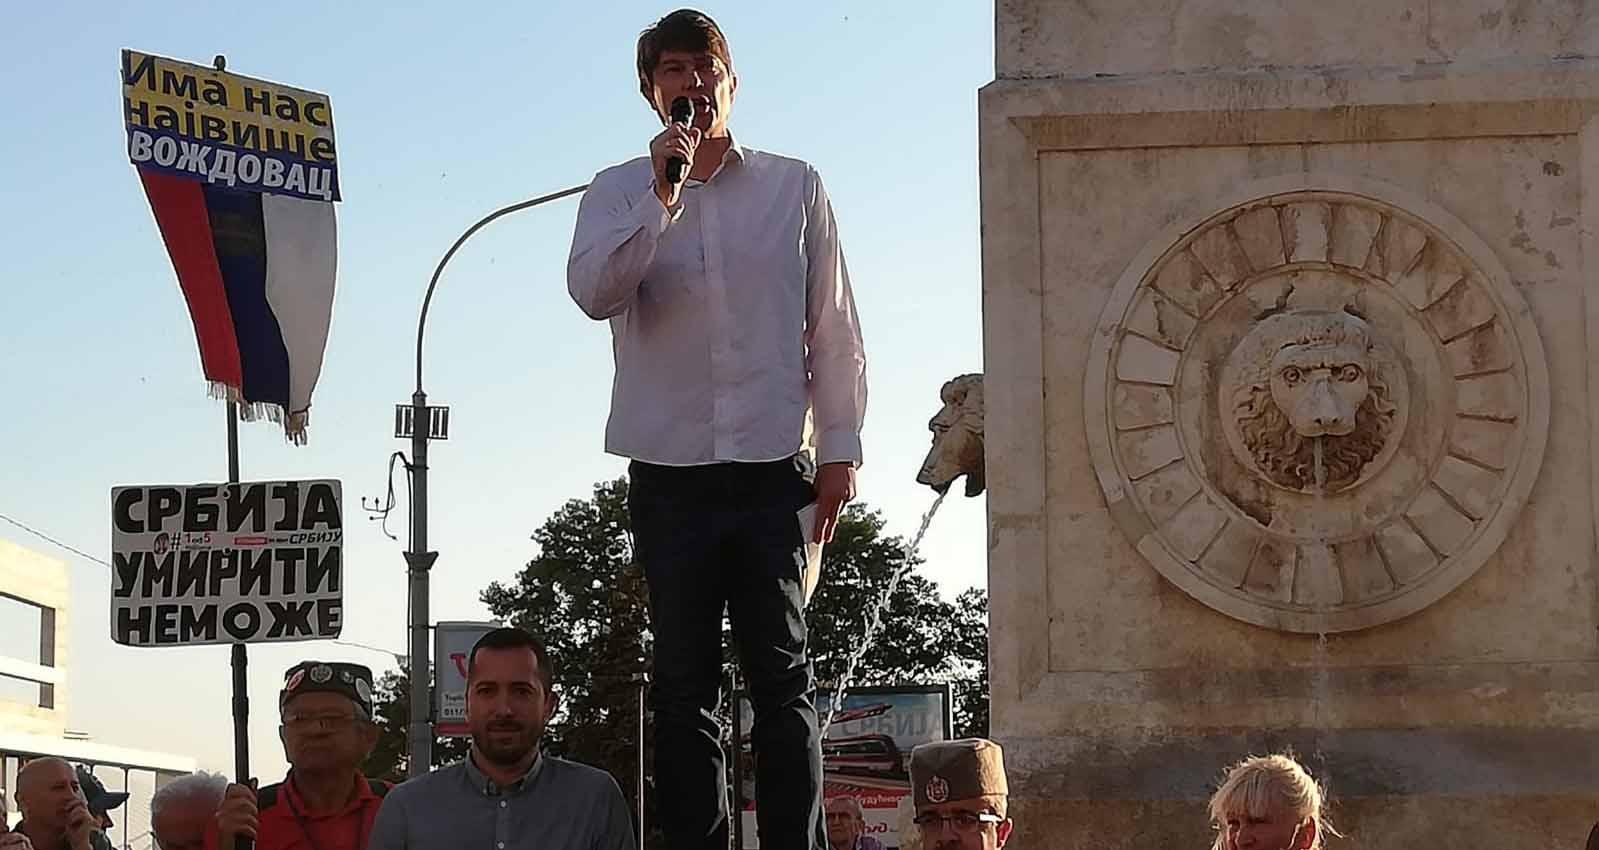 Јовановић: Протестима постављени темељи нове Србије, победићемо ако избори буду фер